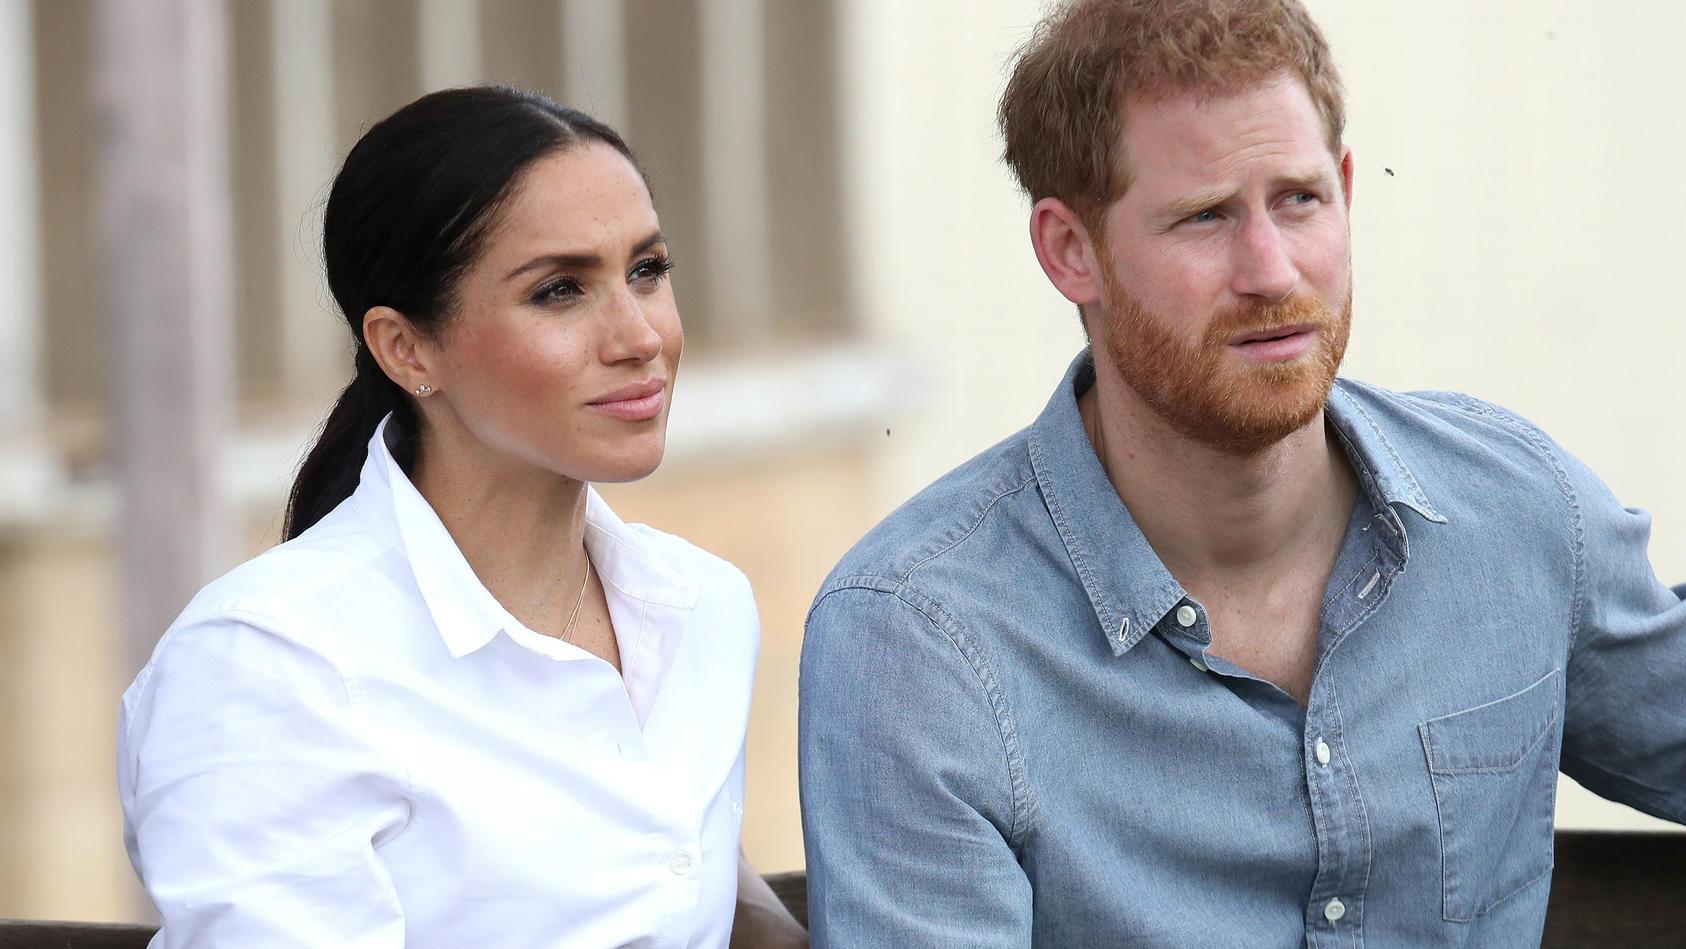 Herzogin Meghan und Prinz Harry haben keine Lust mehr auf die sozialen Medien!